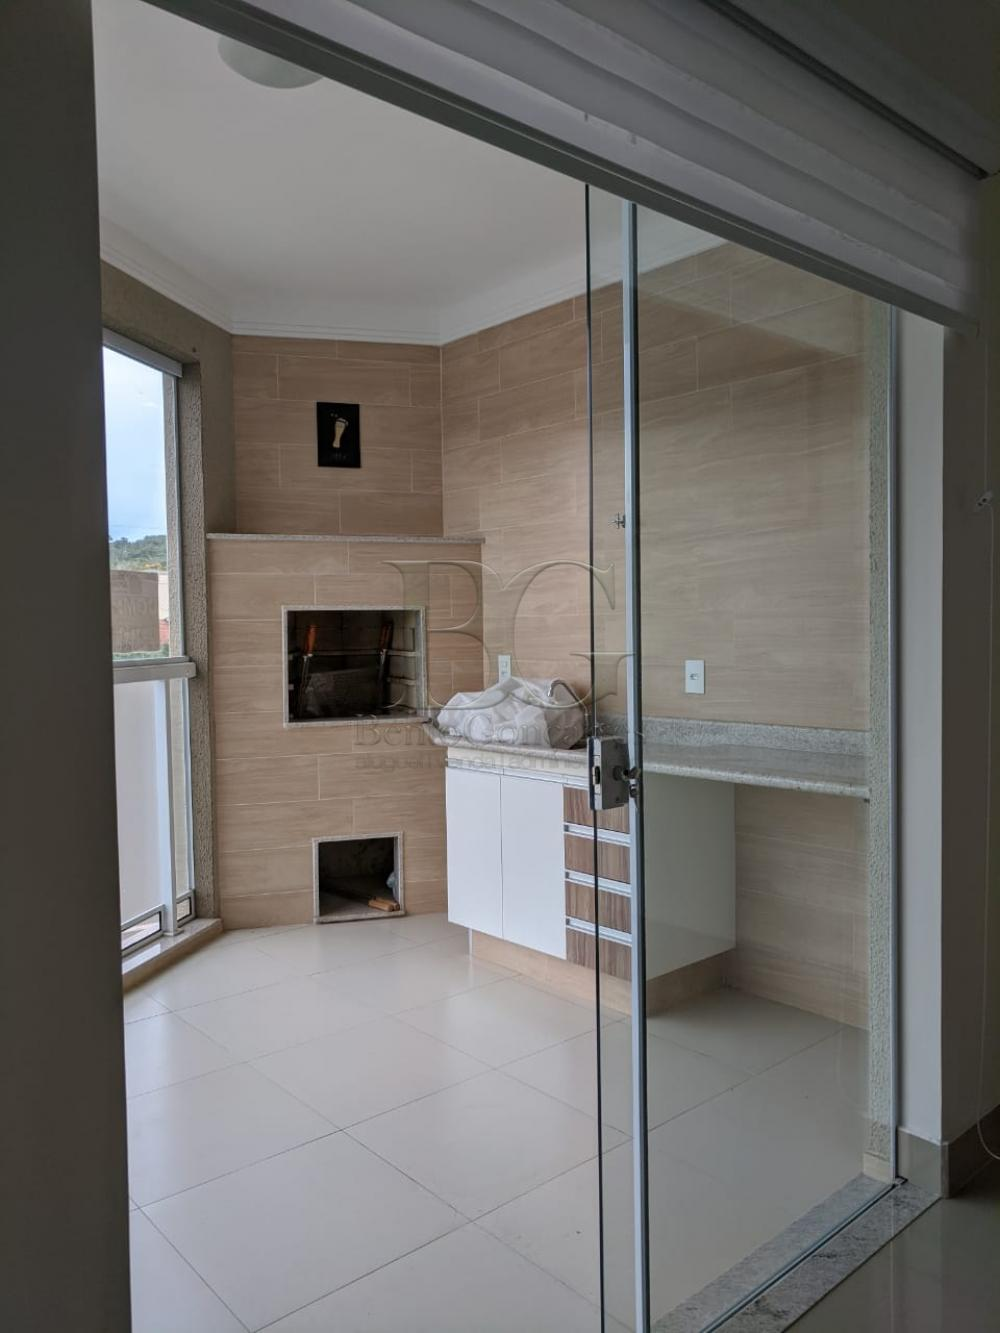 Comprar Apartamentos / Padrão em Poços de Caldas apenas R$ 670.000,00 - Foto 3